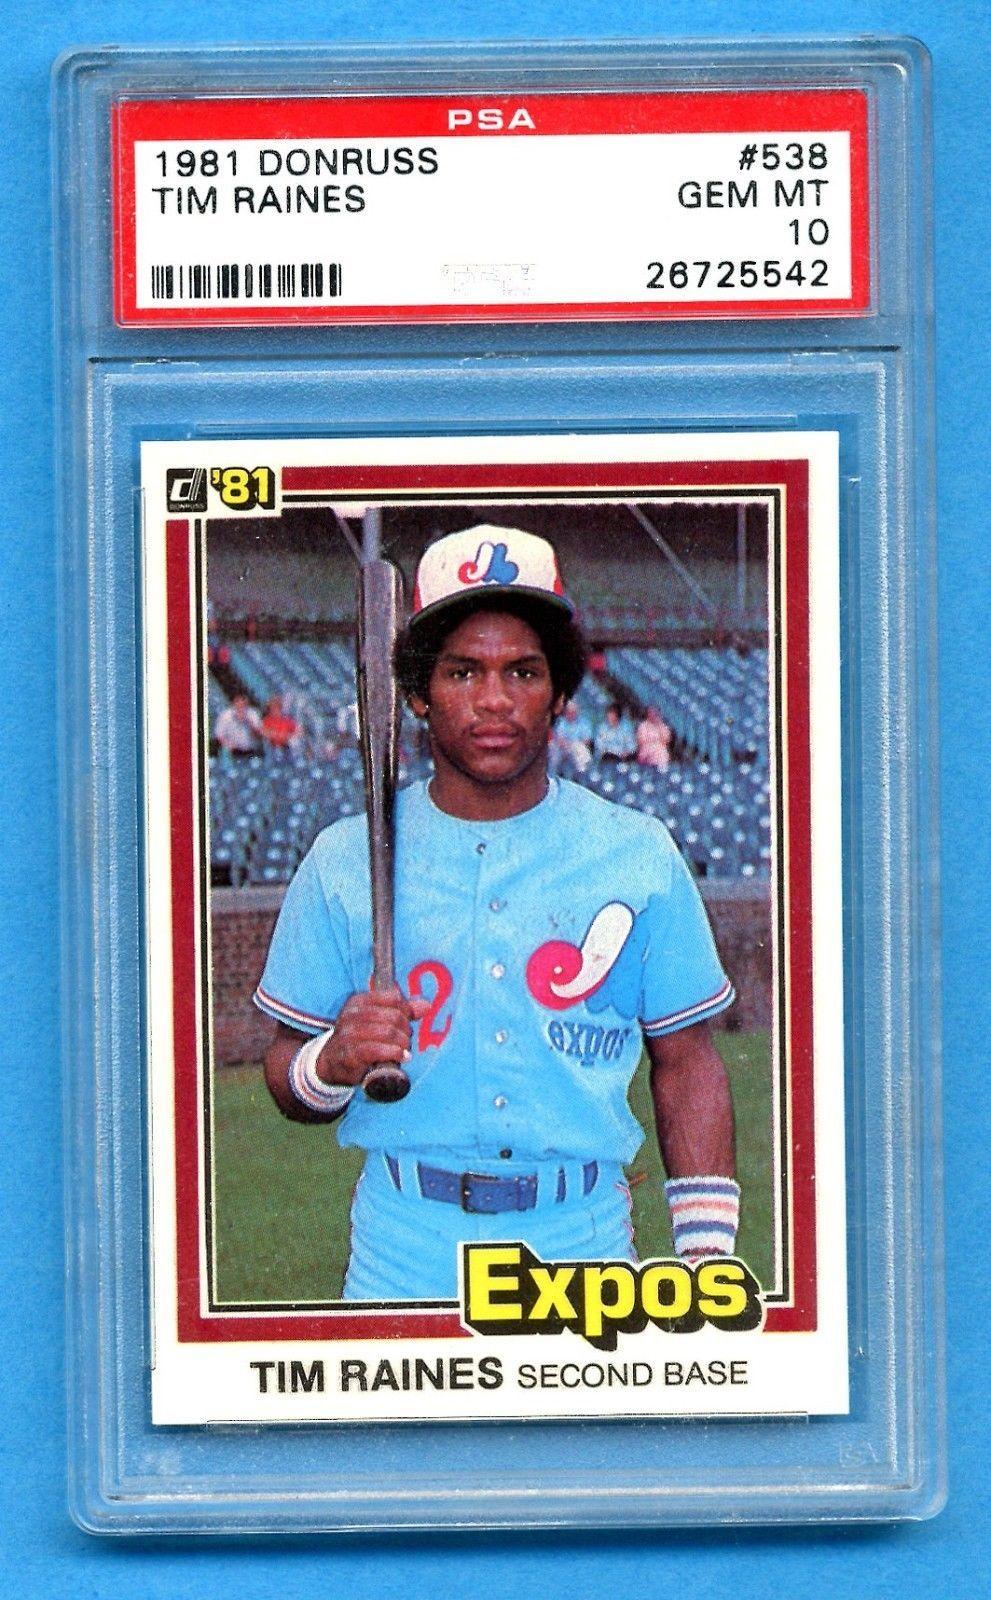 1981 donruss tim raines rookie card psa 10 gem mint psa10